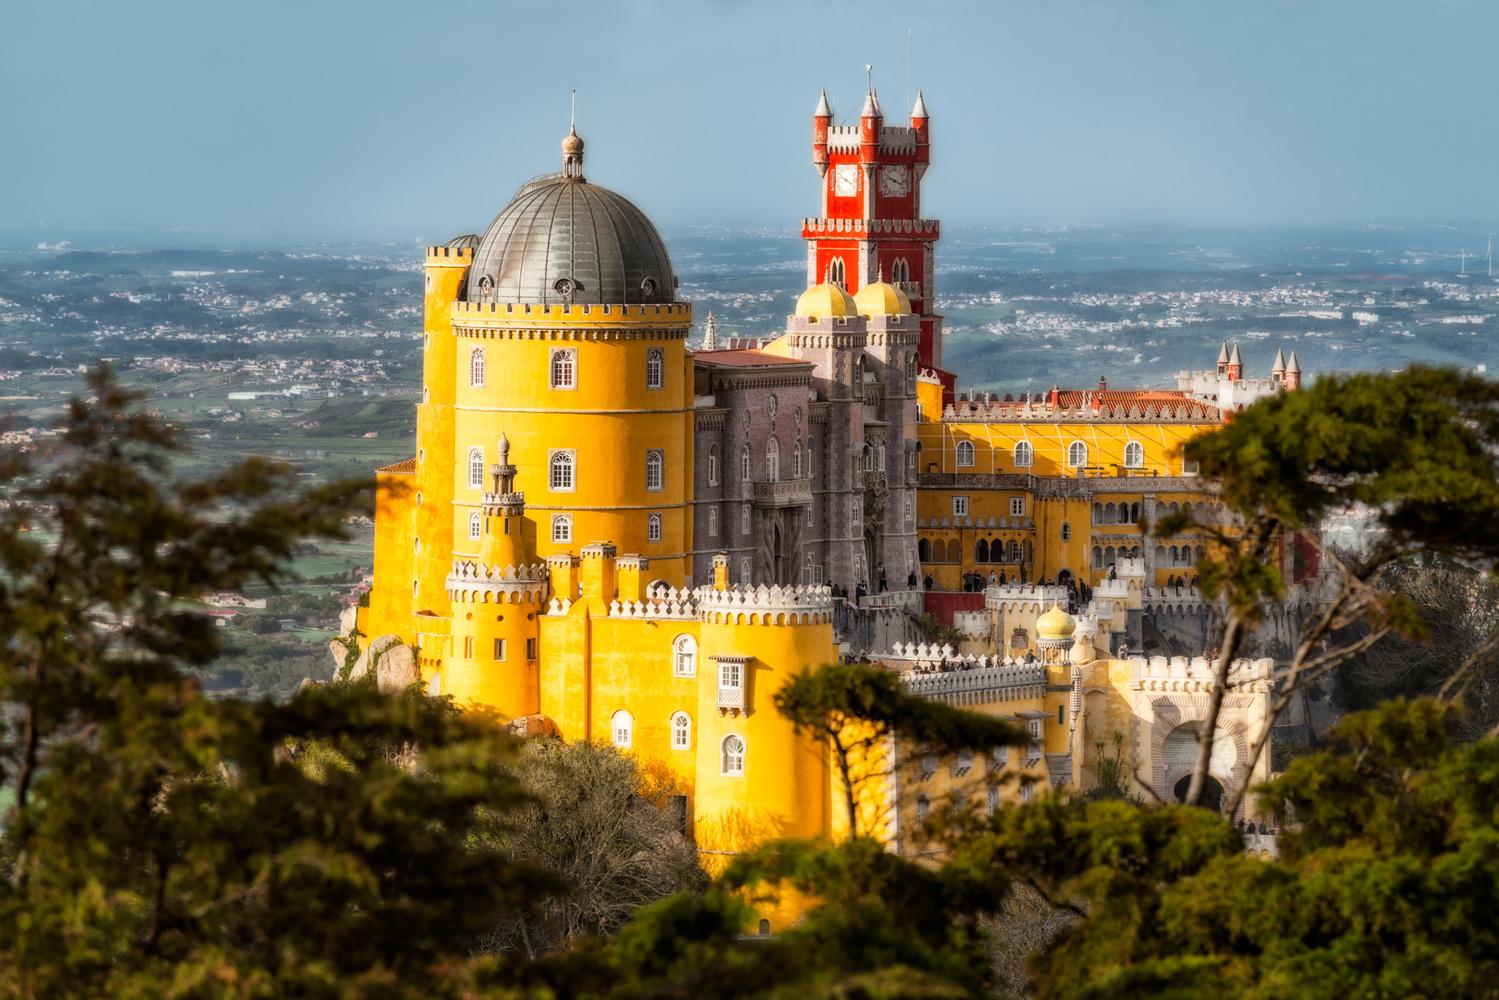 Palácio da Pena | Portugal by Nico Trinkhaus